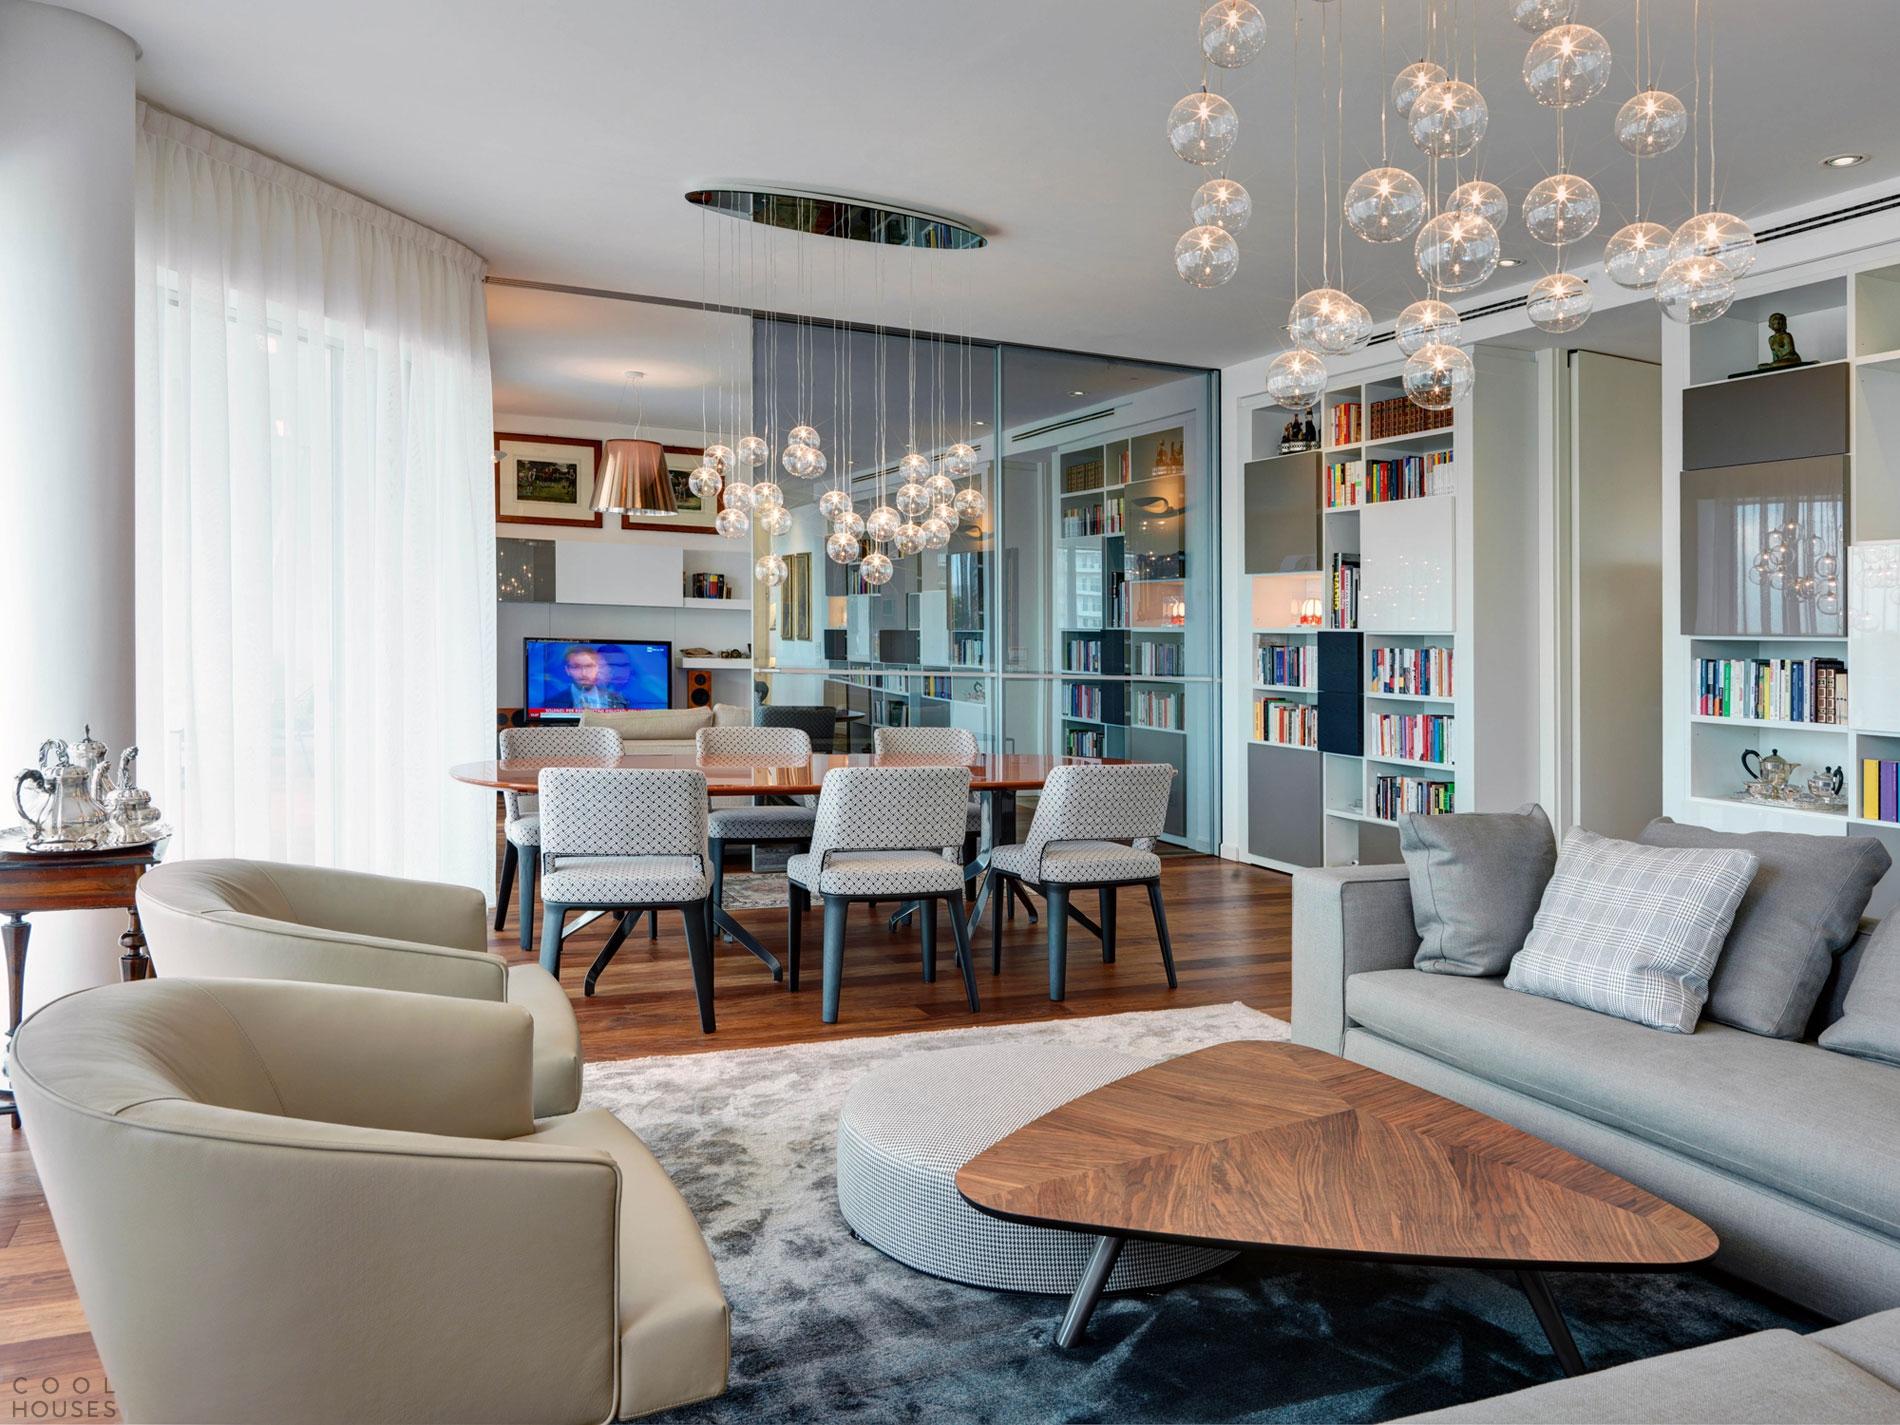 Уютная квартира в Милане, Италия